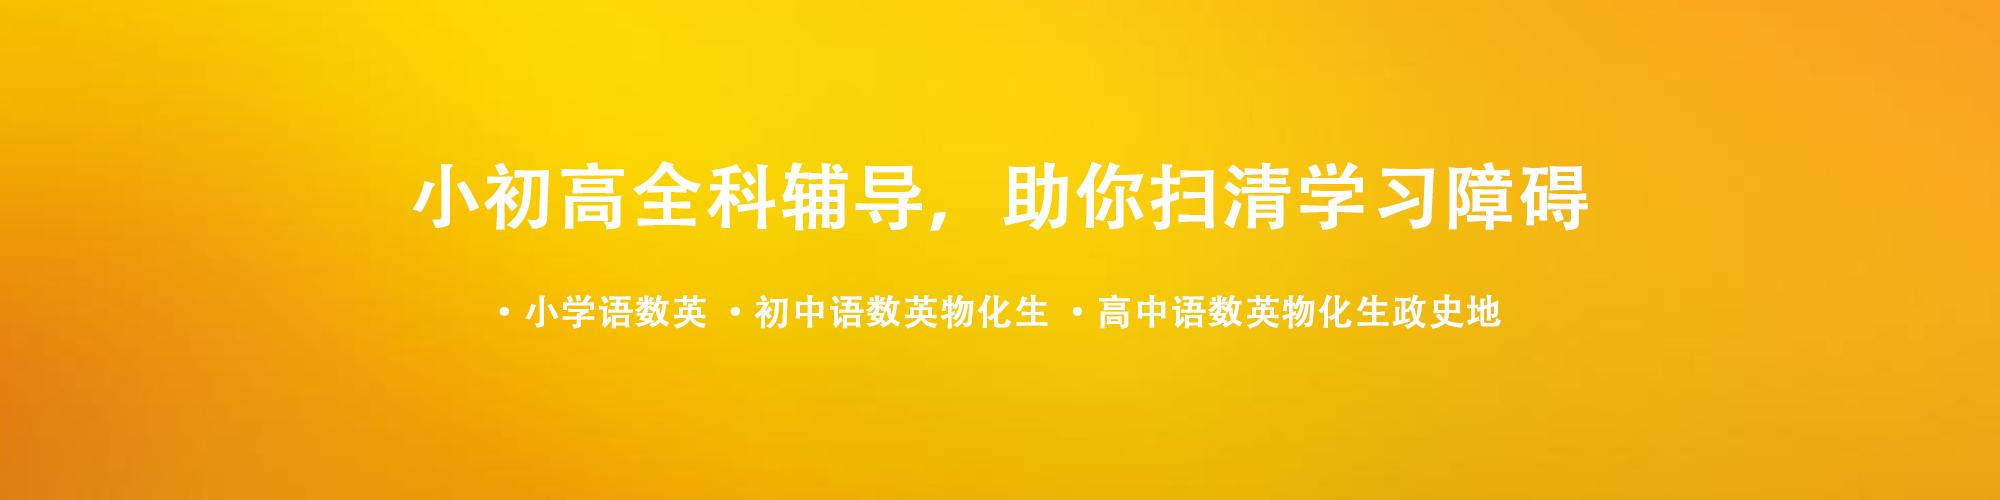 北京英语培训学校_教育培训课程相关-北京拓程教育咨询有限公司